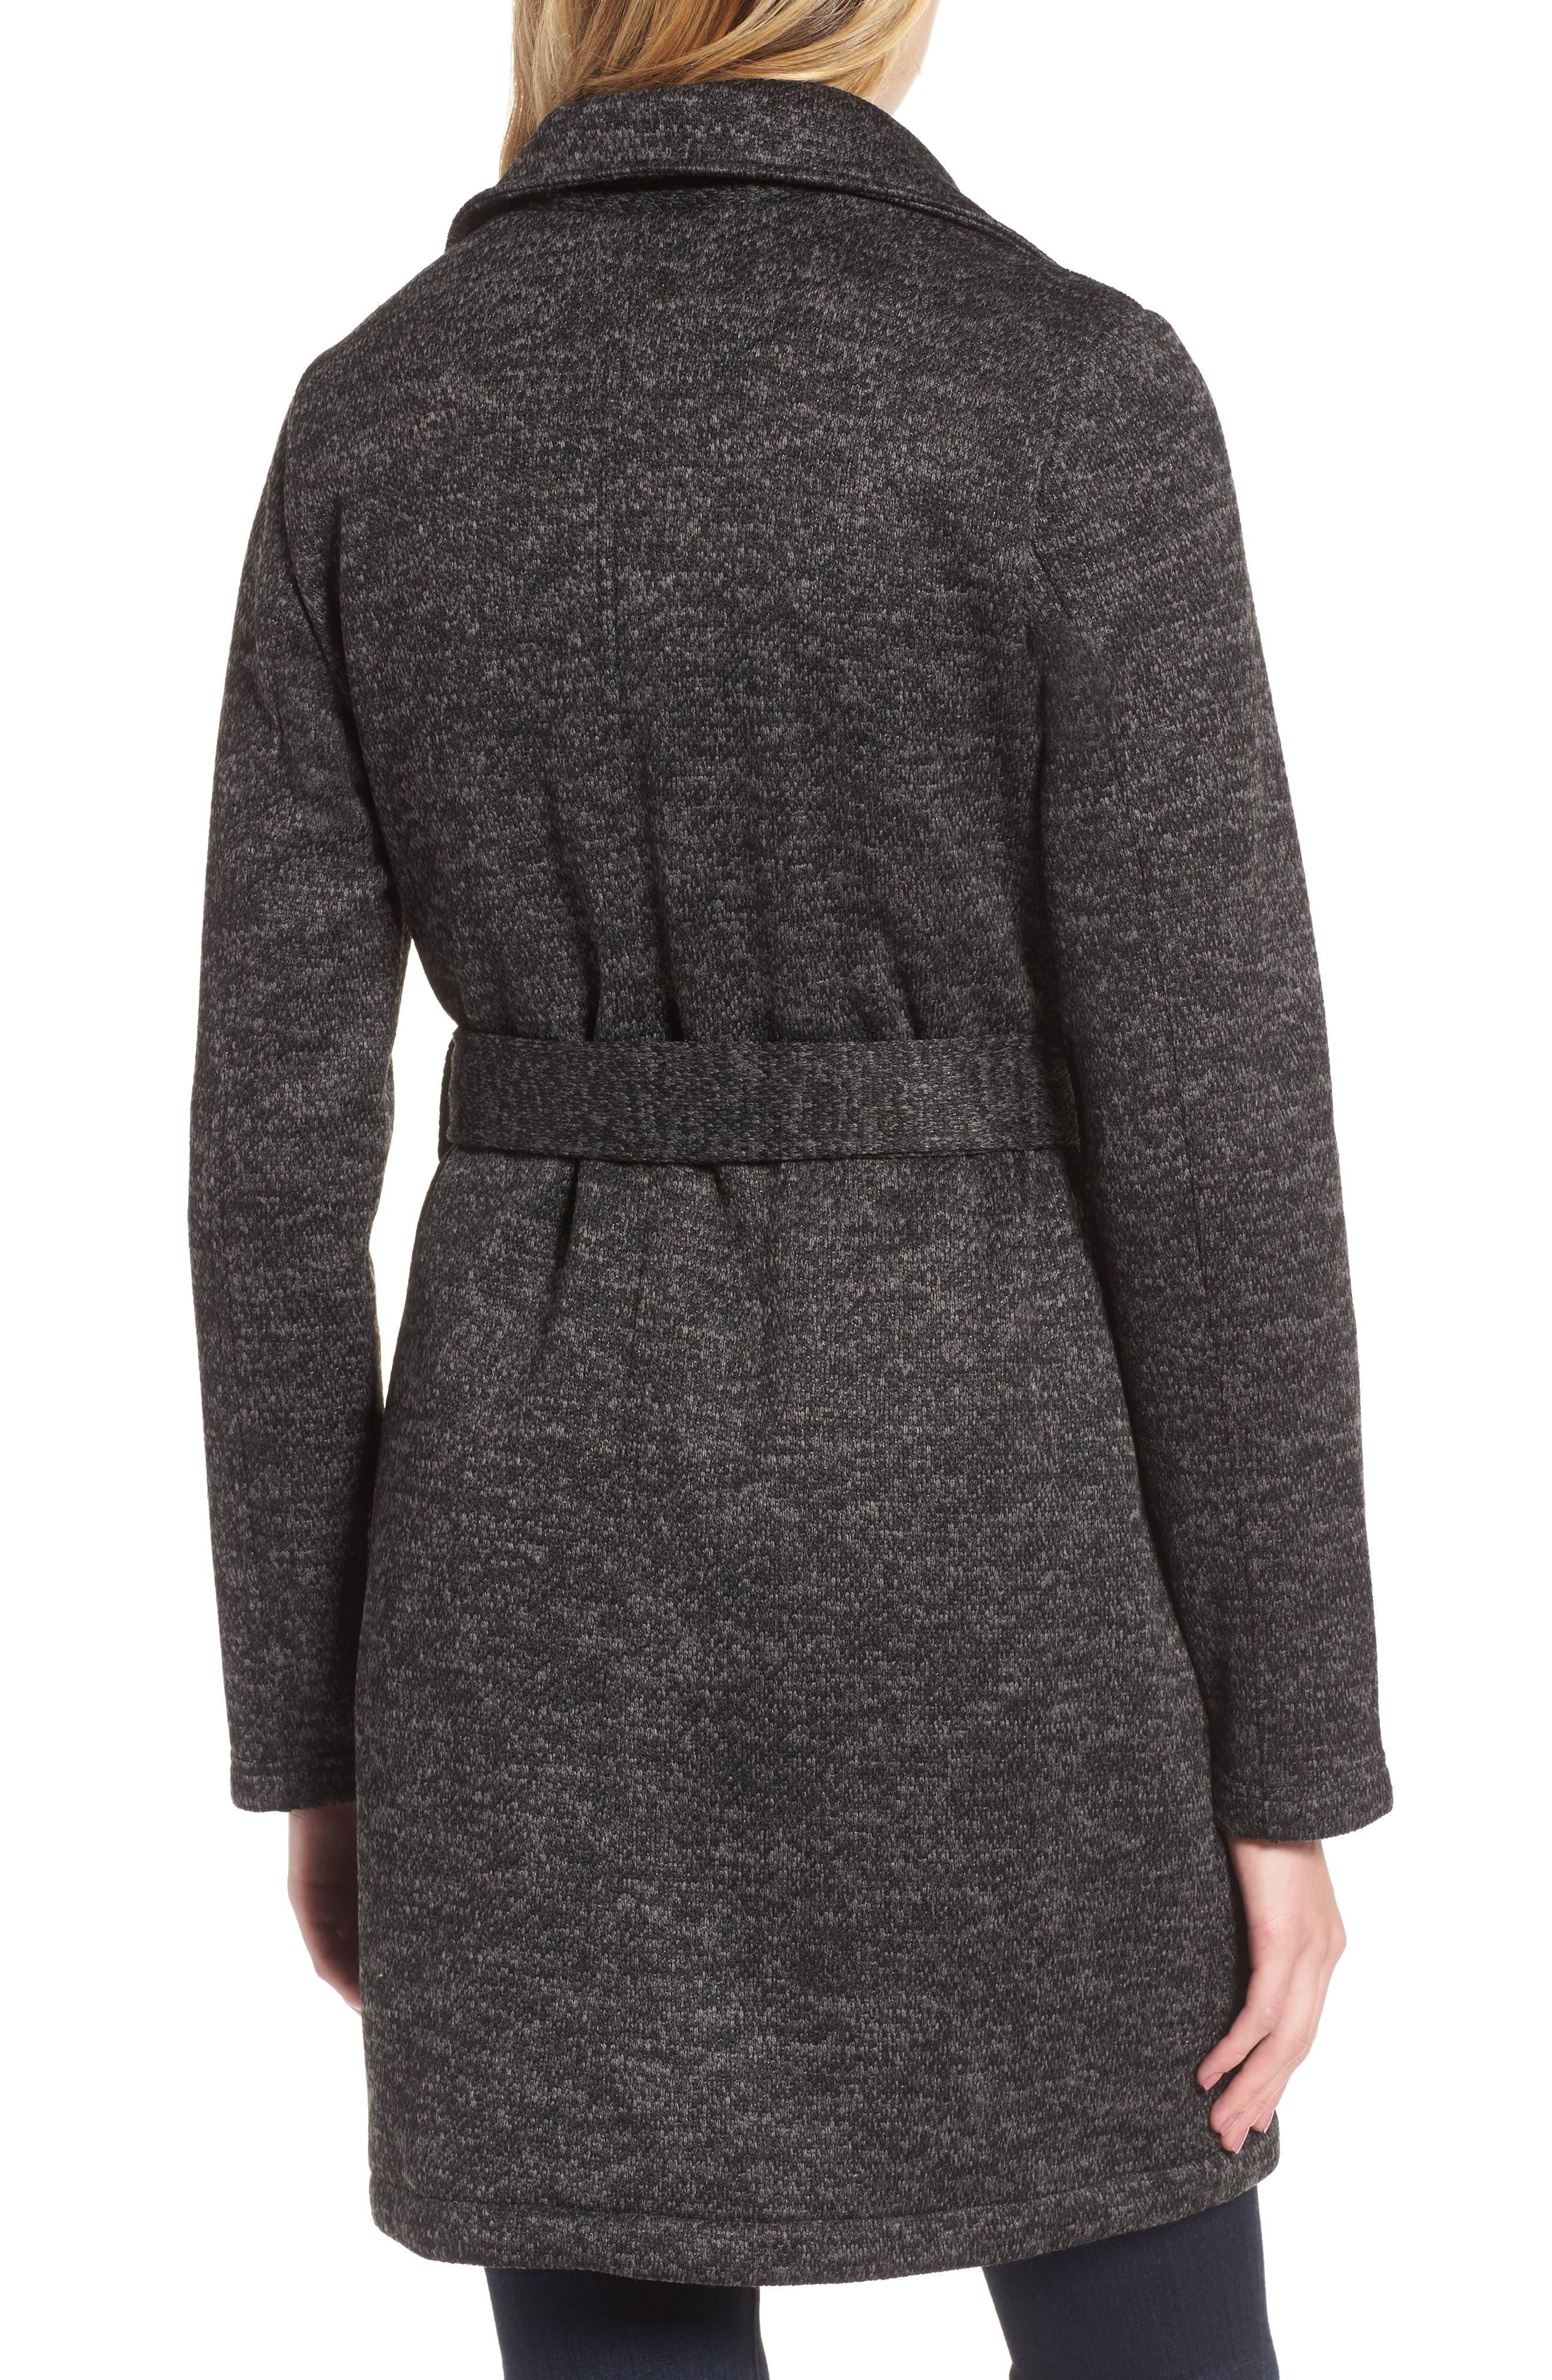 Alternate Image 2  - Steve Madden Belted Fleece Jacket